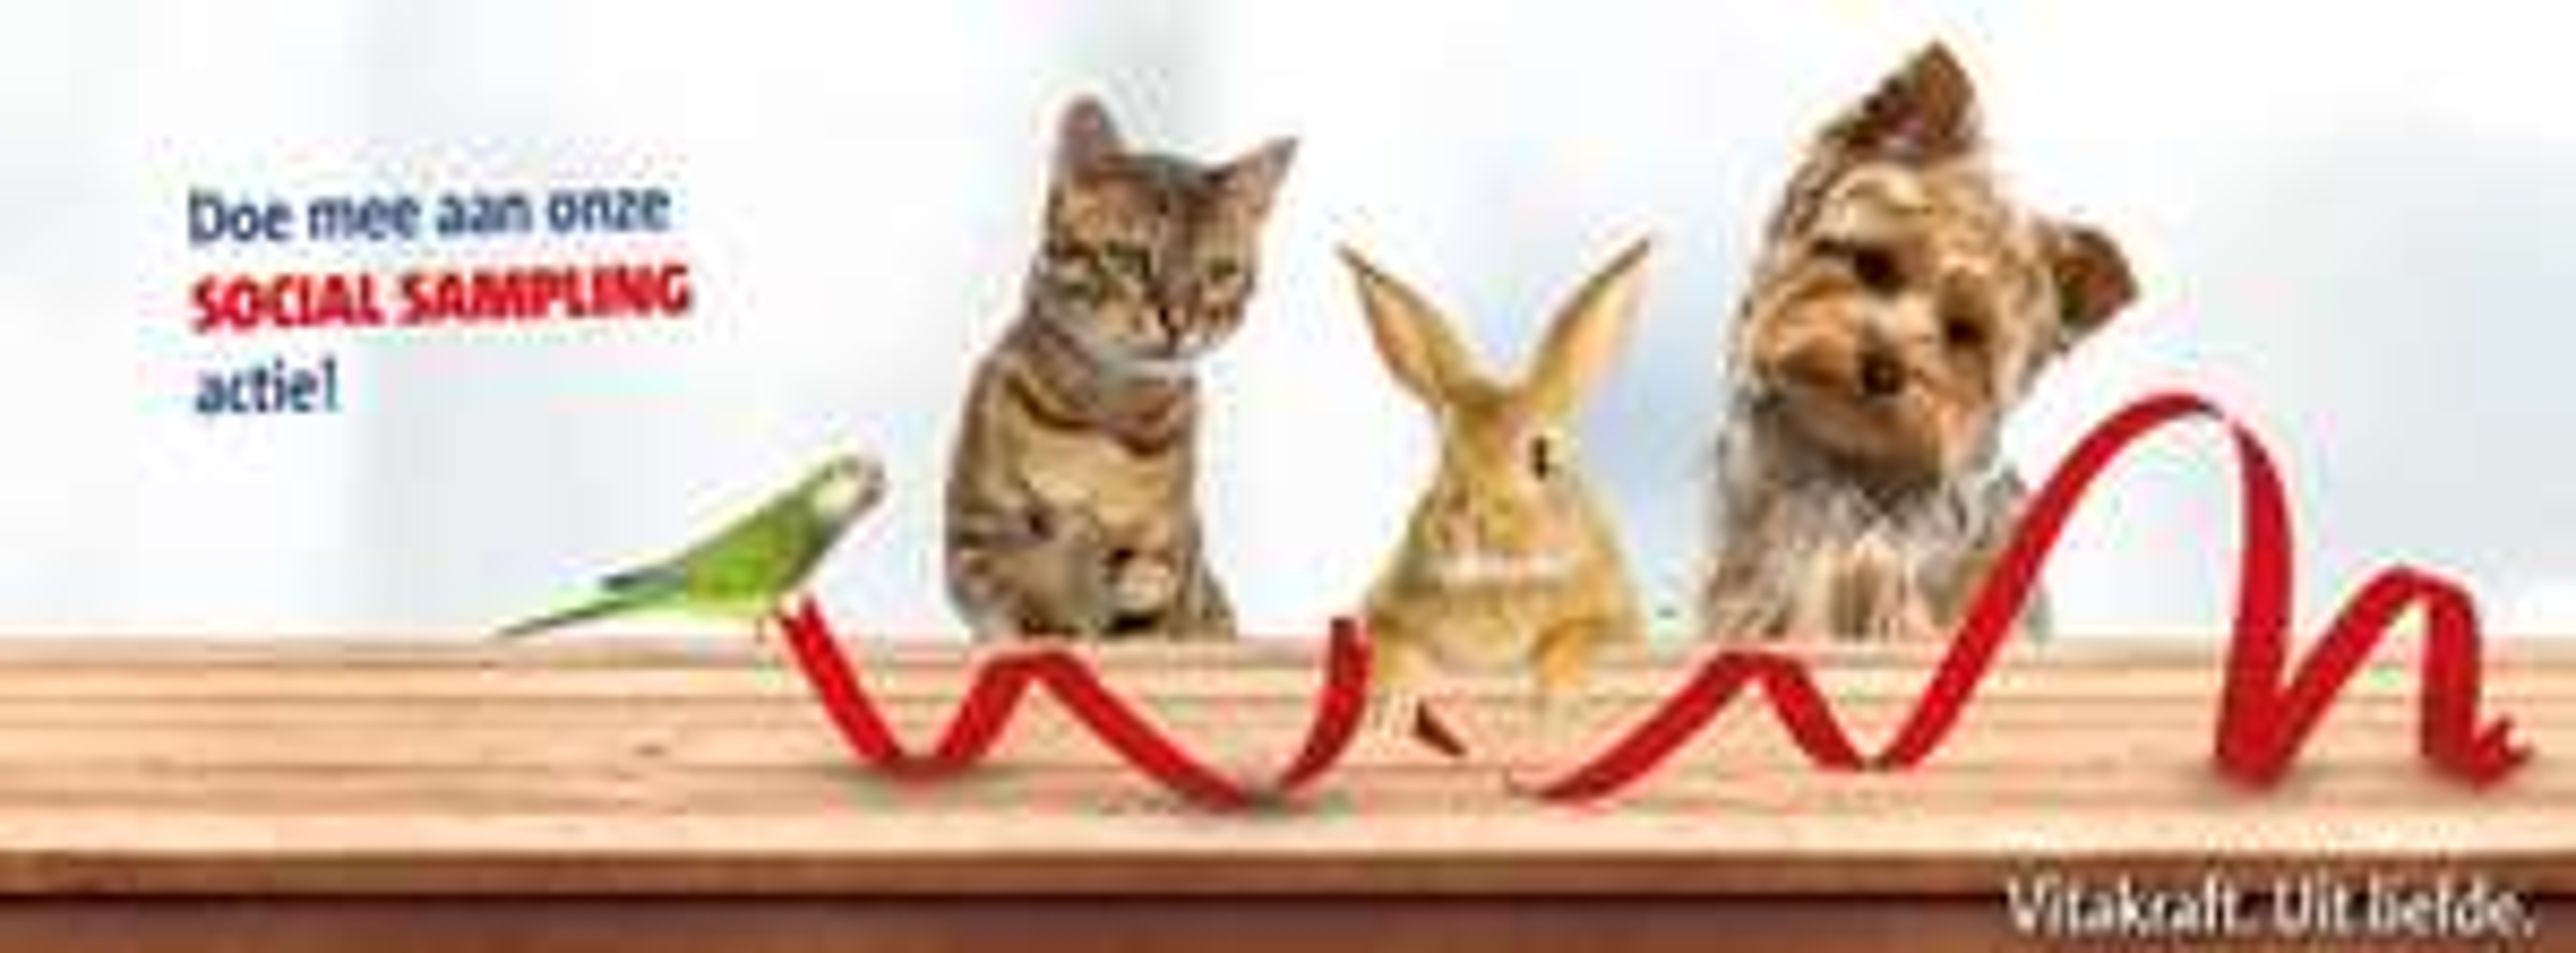 Gratis Vitakraft -product voor hond, kat knaagdier of vogel thuisgestuurd